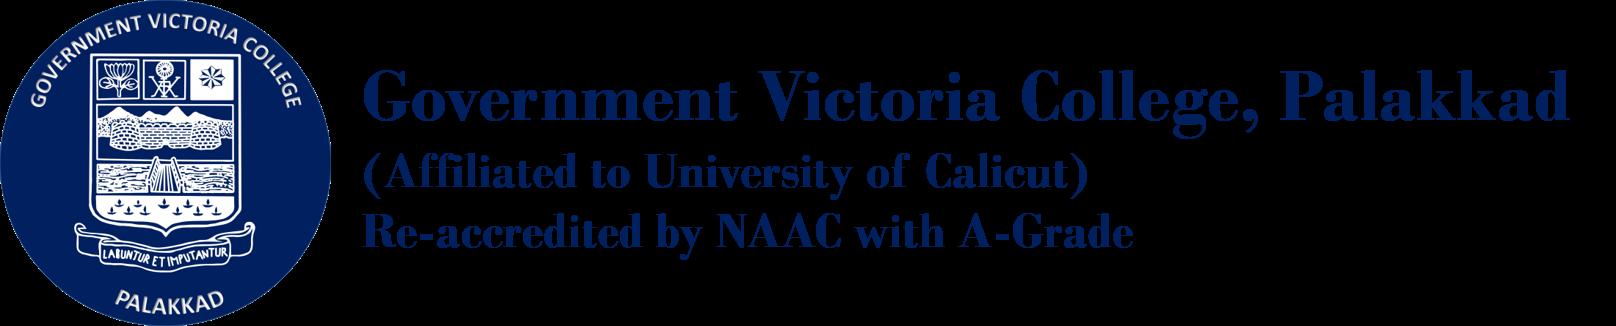 Government Victoria College